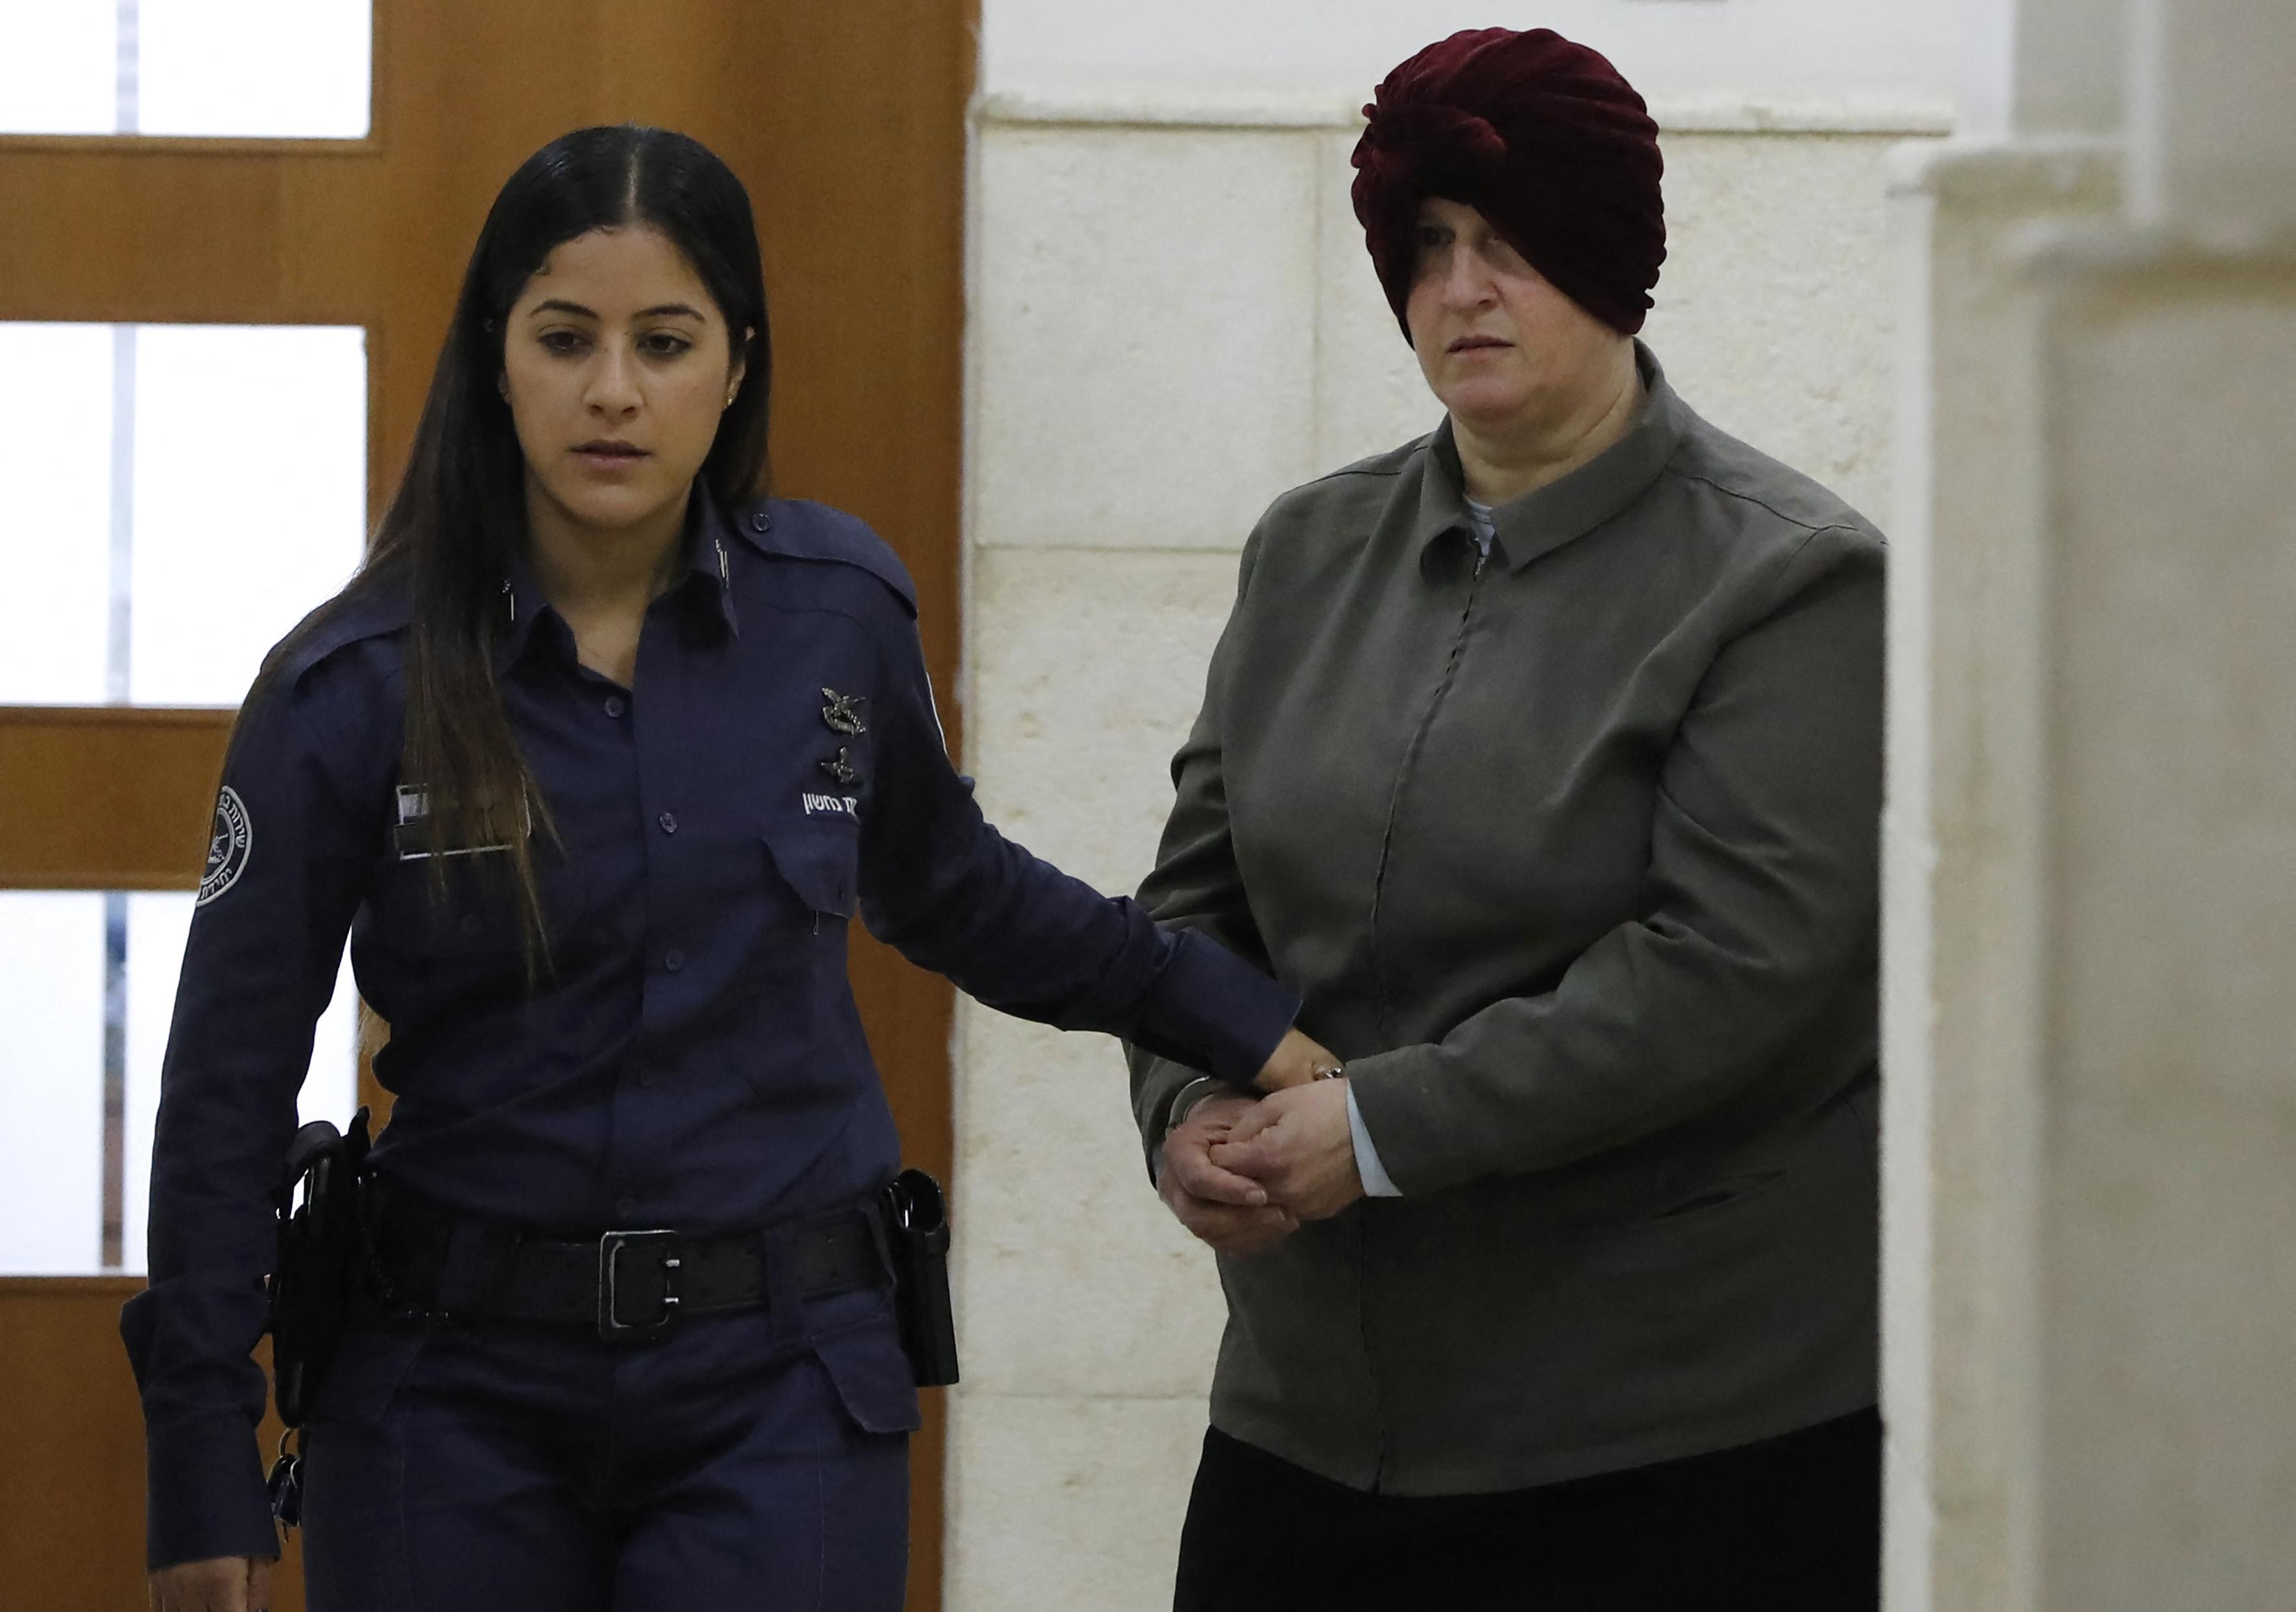 Kiadja Izrael Ausztráliának a gyerekek molesztálásával vádolt iskolaigazgatónőt